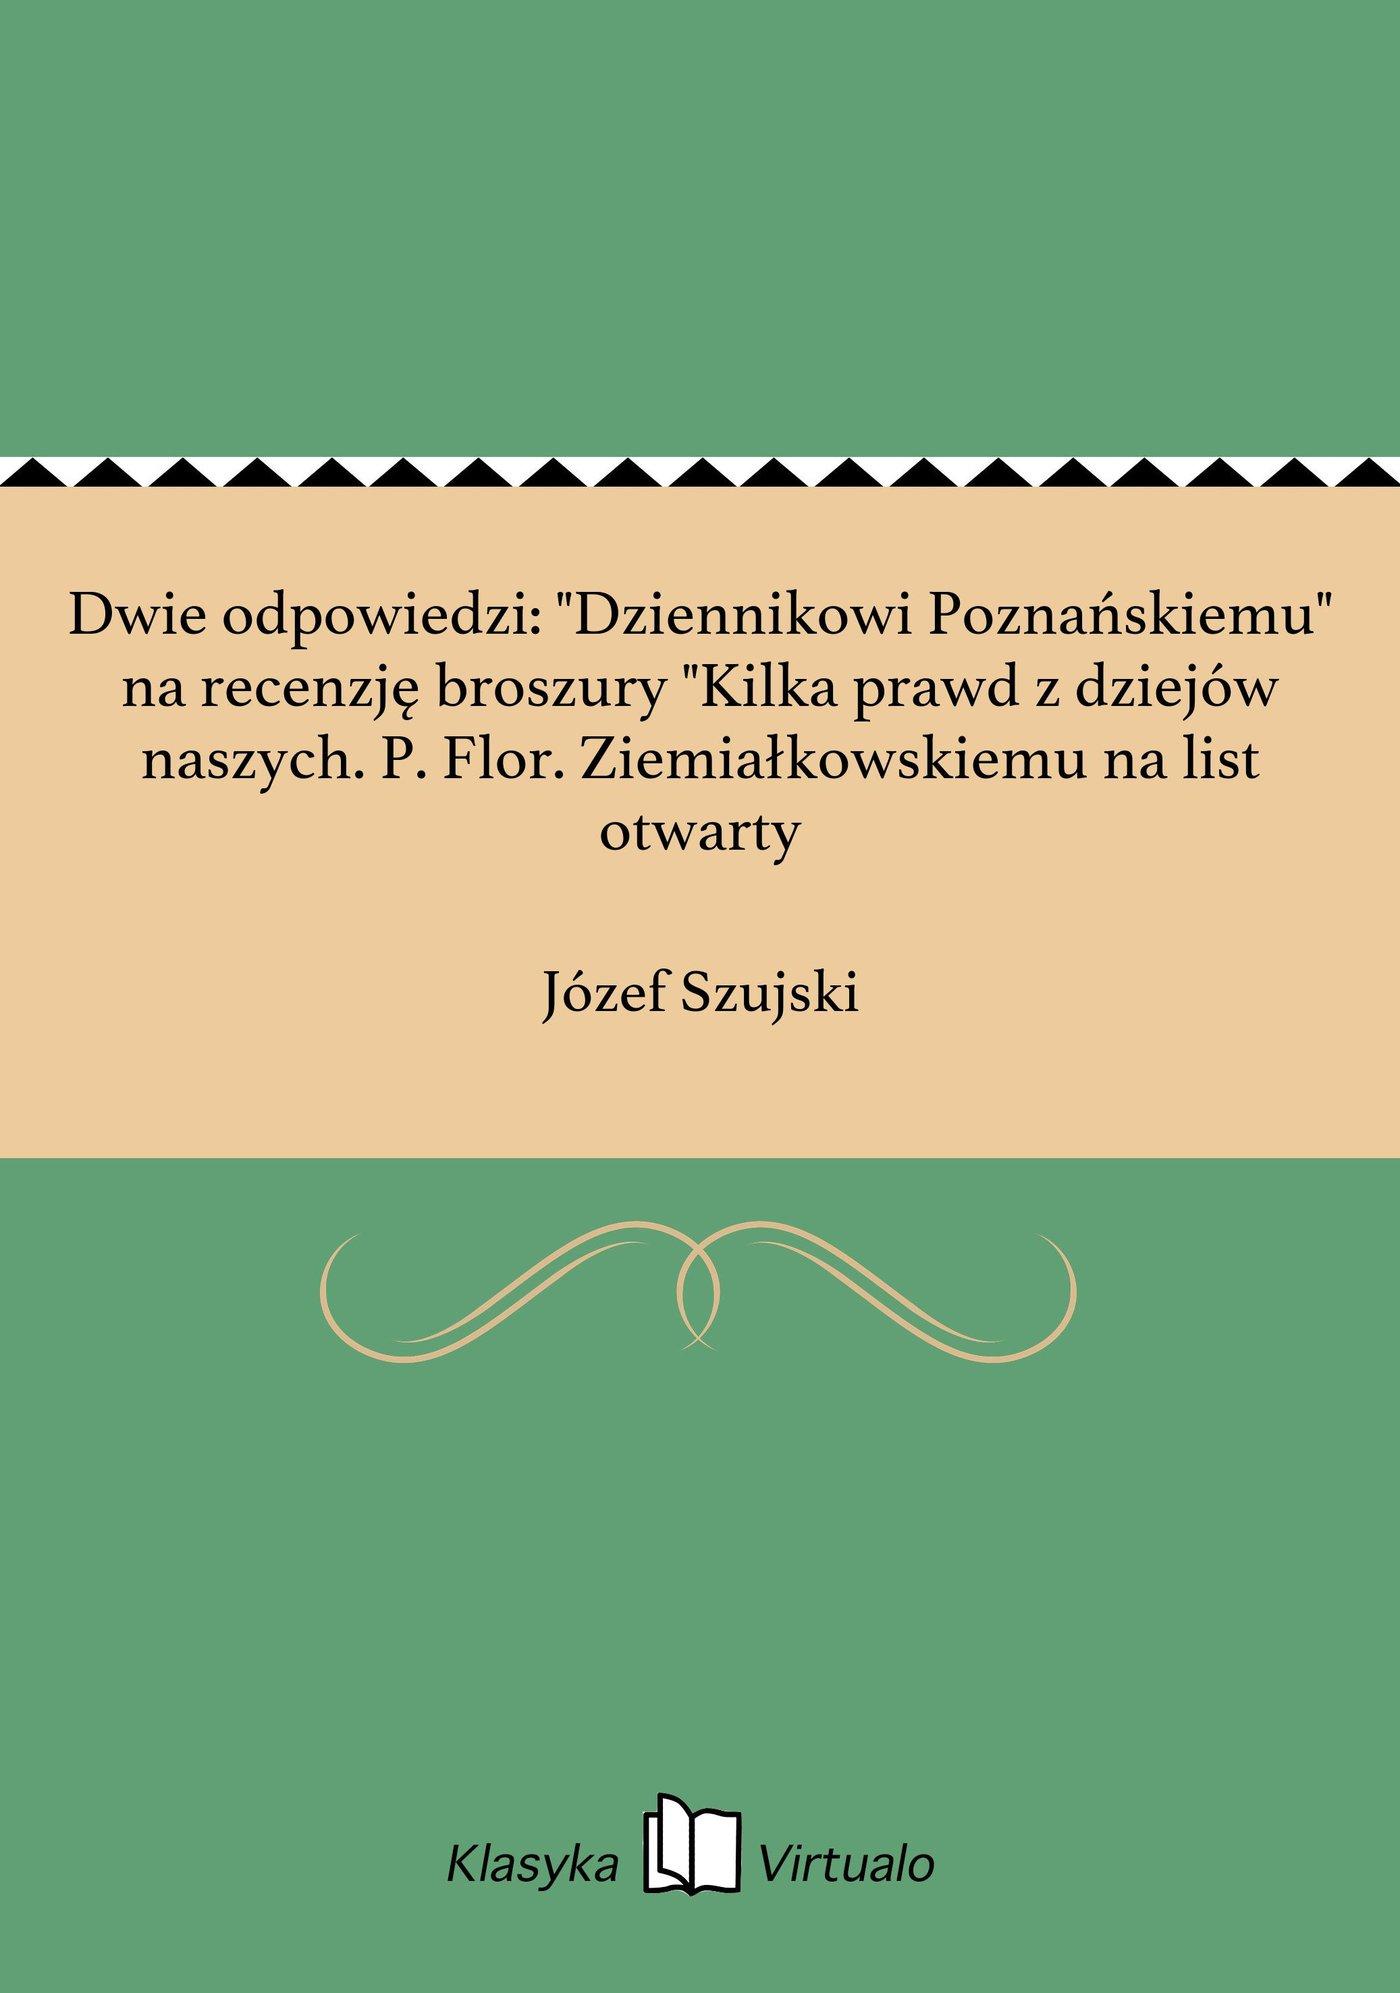 """Dwie odpowiedzi: """"Dziennikowi Poznańskiemu"""" na recenzję broszury """"Kilka prawd z dziejów naszych. P. Flor. Ziemiałkowskiemu na list otwarty - Ebook (Książka na Kindle) do pobrania w formacie MOBI"""